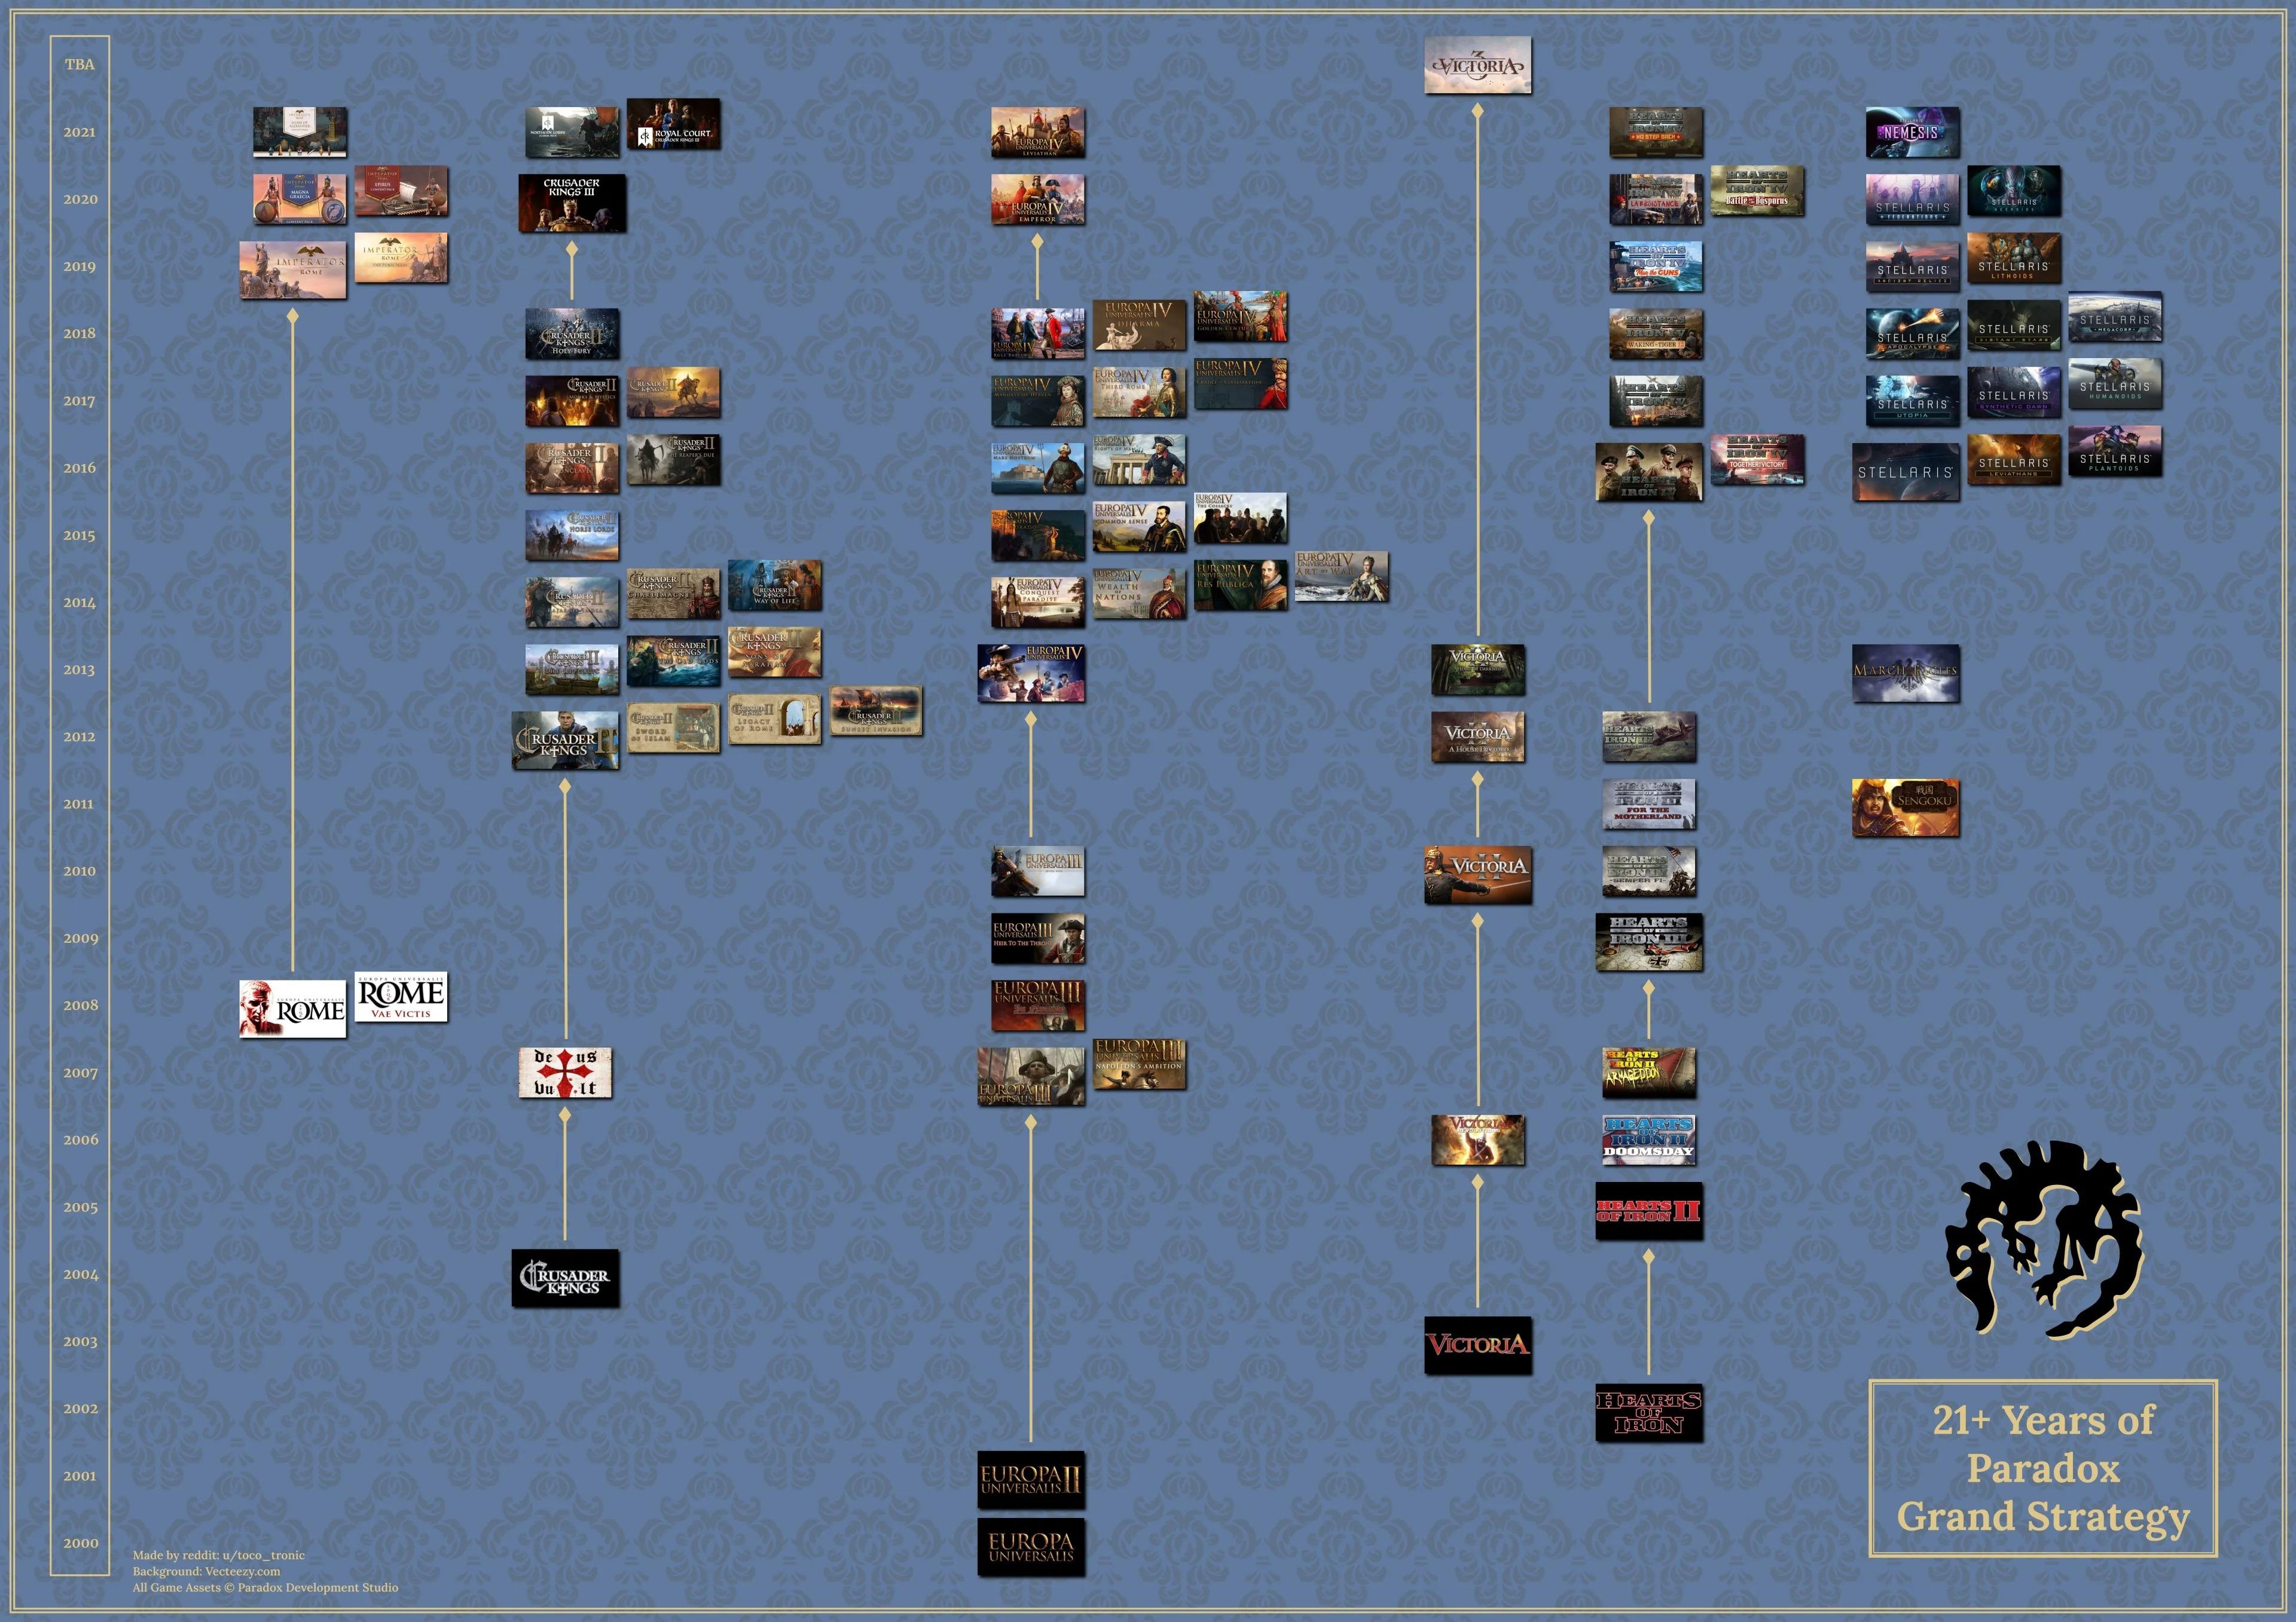 Геймер создал удобный постер со всеми играми Paradox в хронологическом порядке